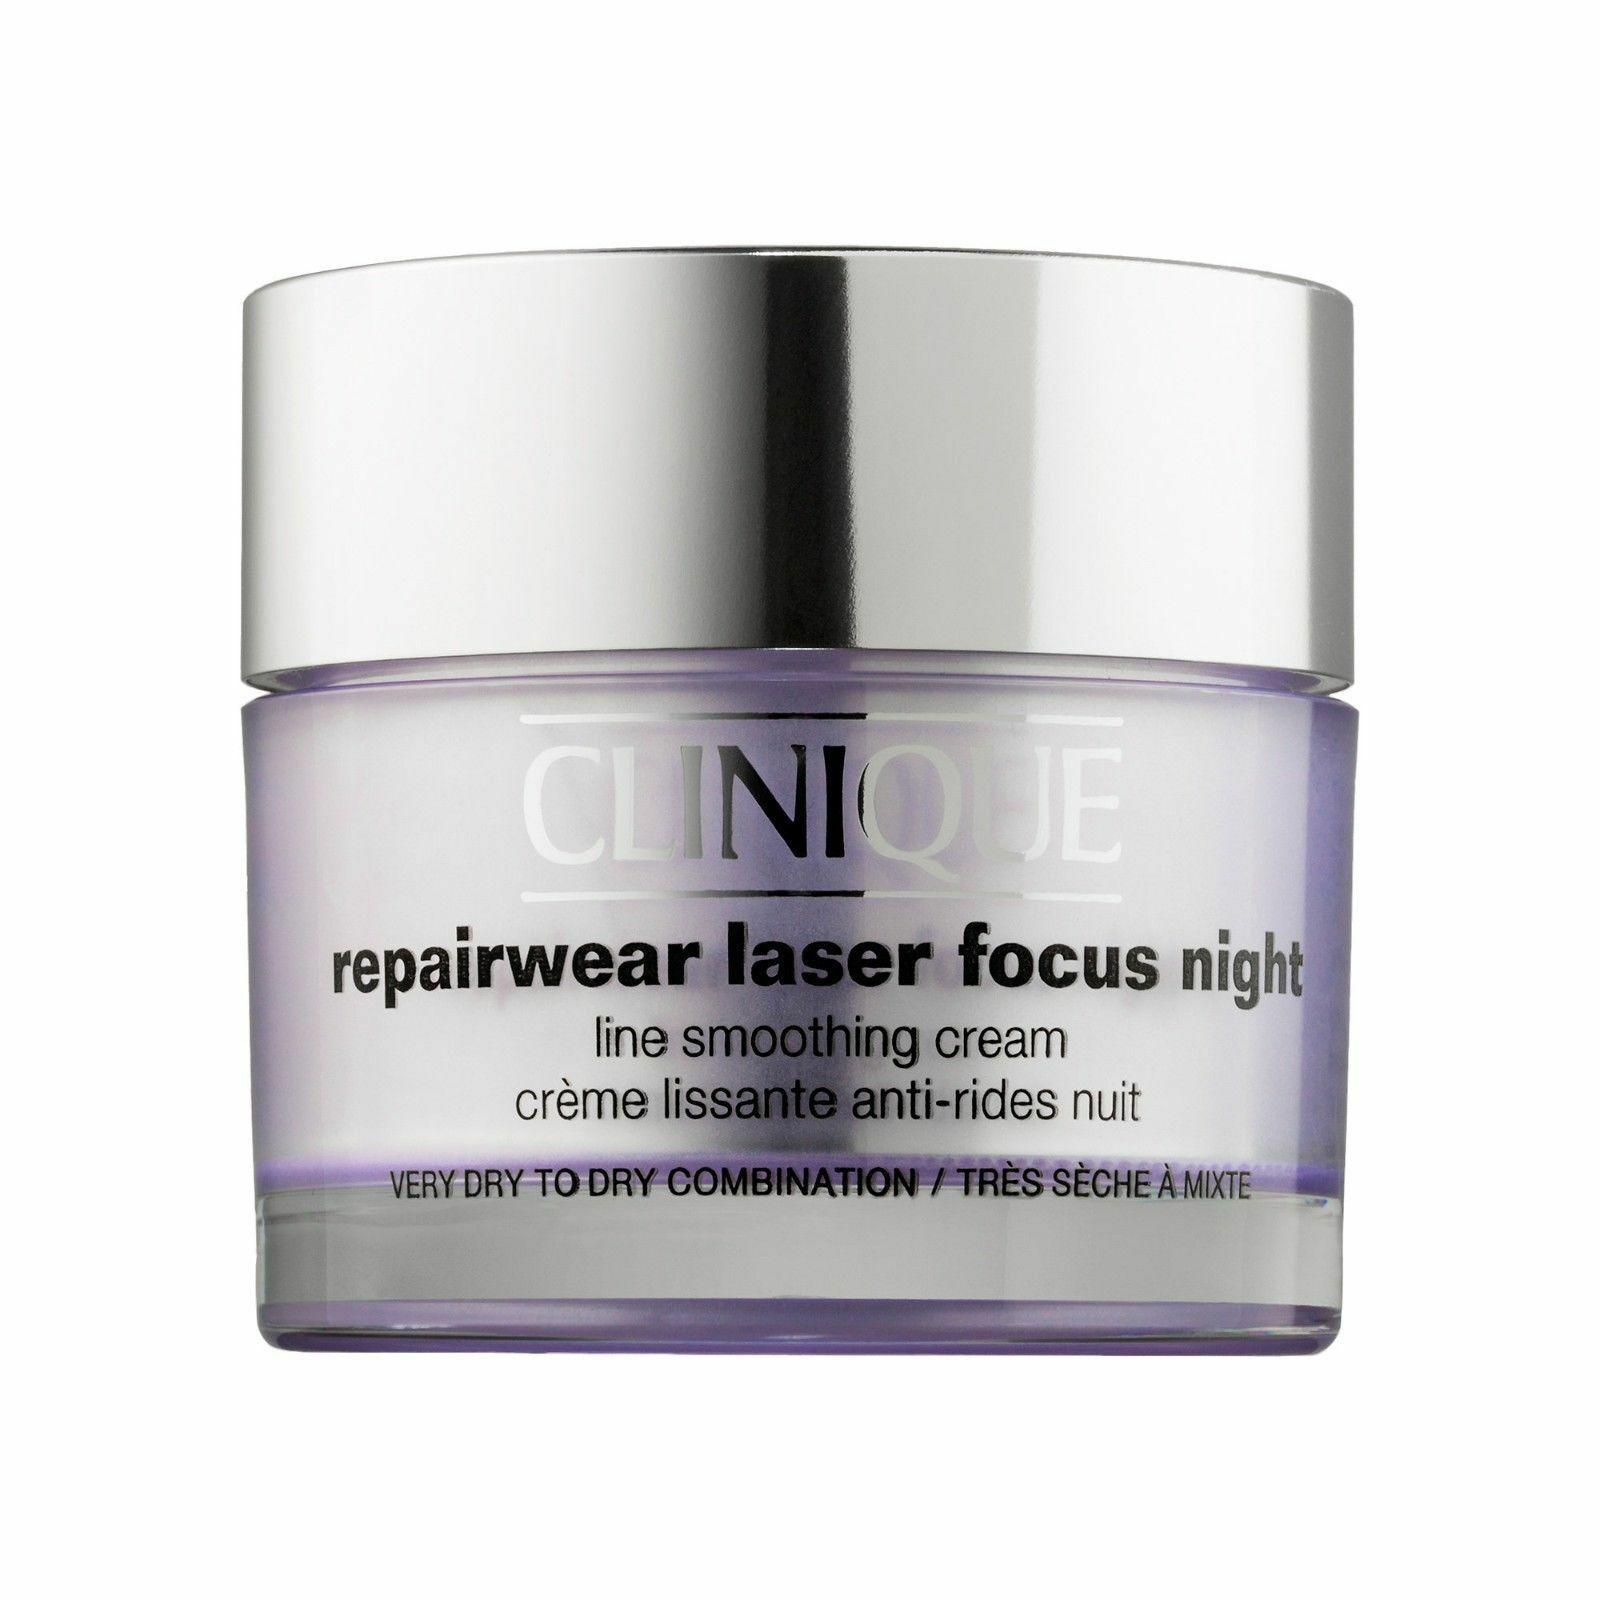 CLINIQUE Repairwear Laser Focus NIGHT Line Smoothing Cream VERY Dry 1.7oz NIB - $48.30